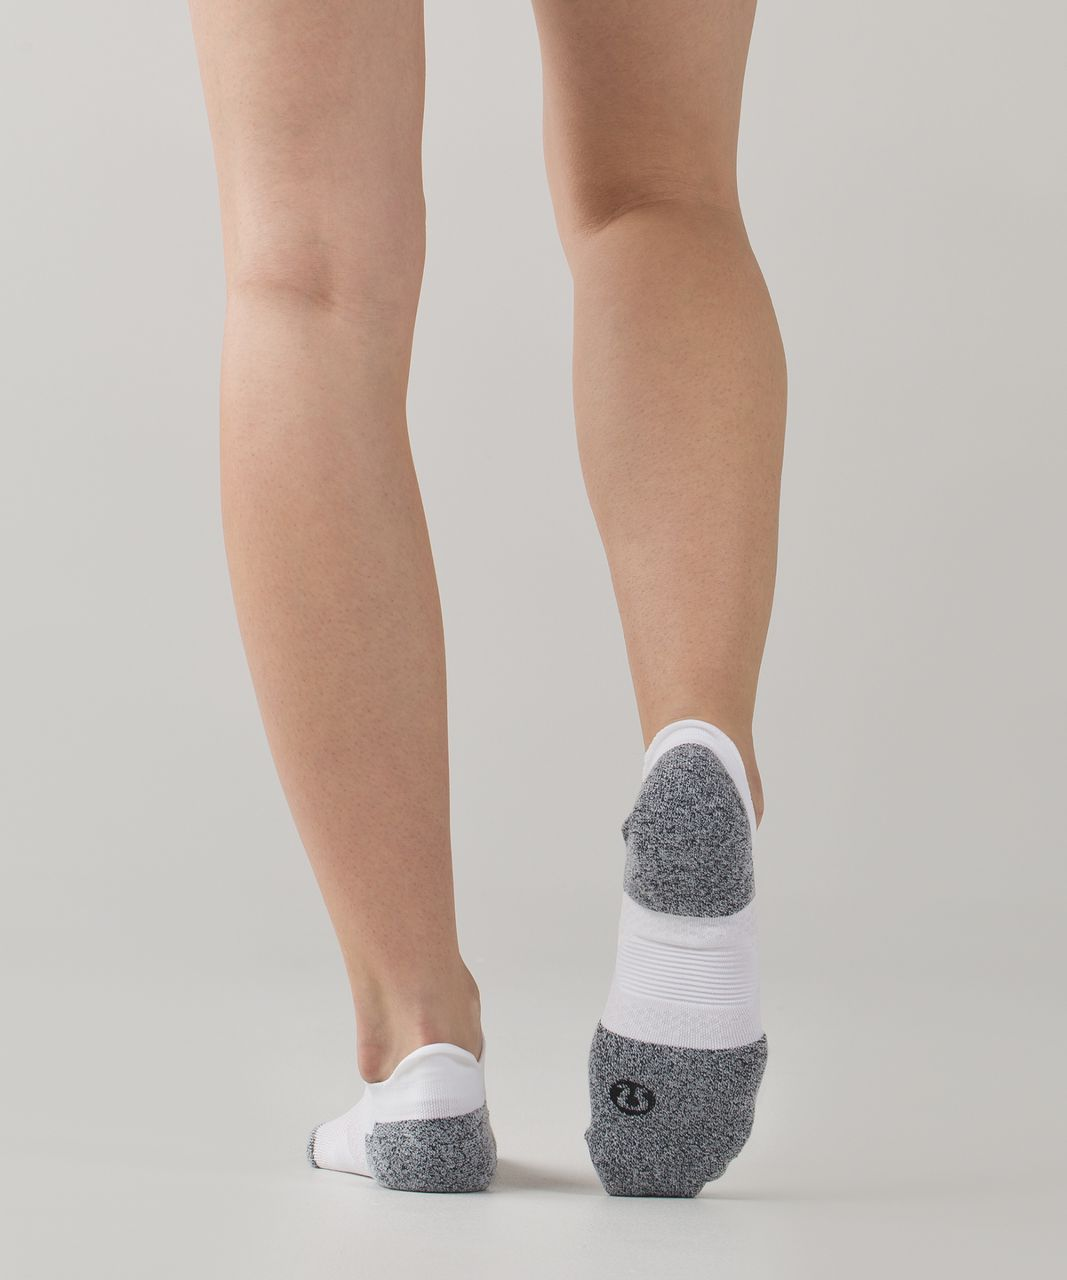 Lululemon High Speed Sock - White / Black